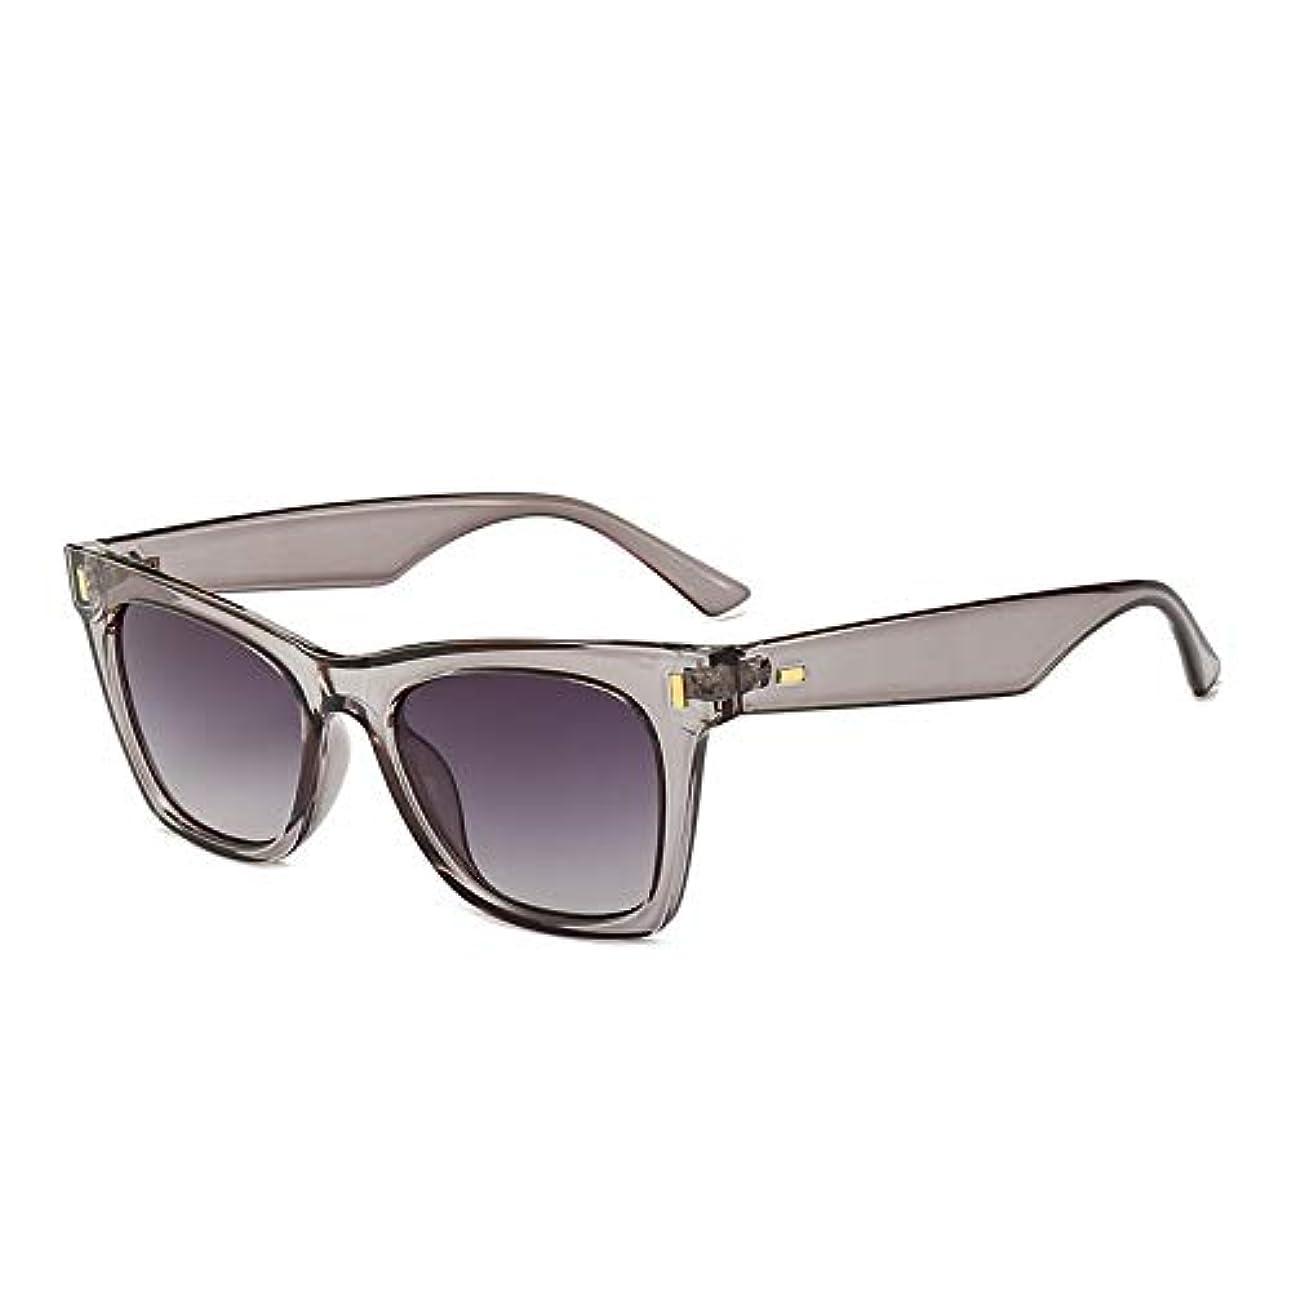 私違反無心JPYLY サングラス ハイグレード 米にらみサングラスクラシックワイルド レトロ ファッション メガネ (Color : NO.4)